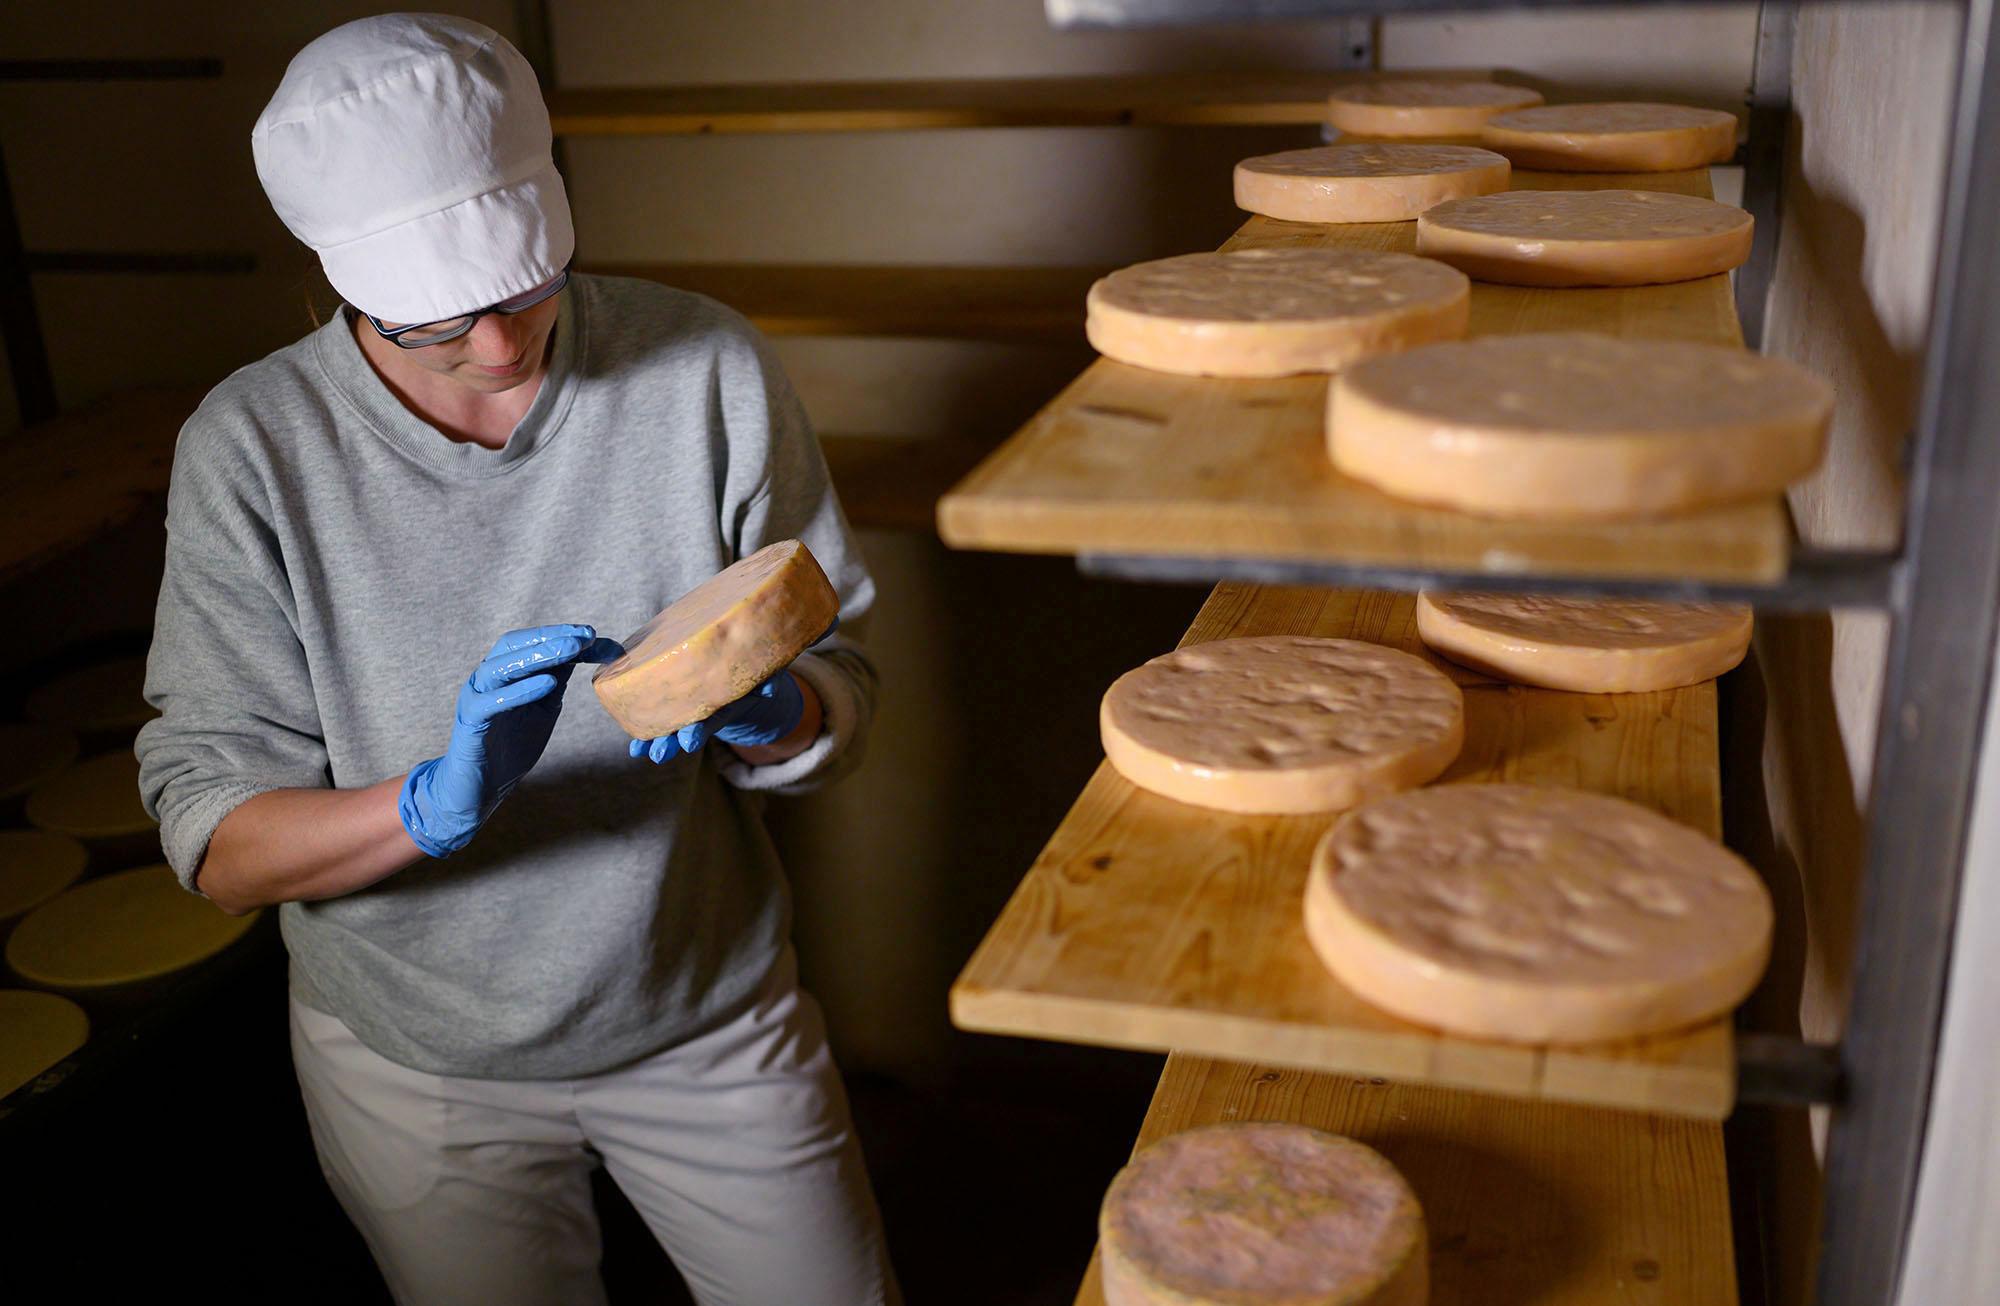 Käserin Karo bearbeitet im Käsekeller ihrer Käserei ihren Käse